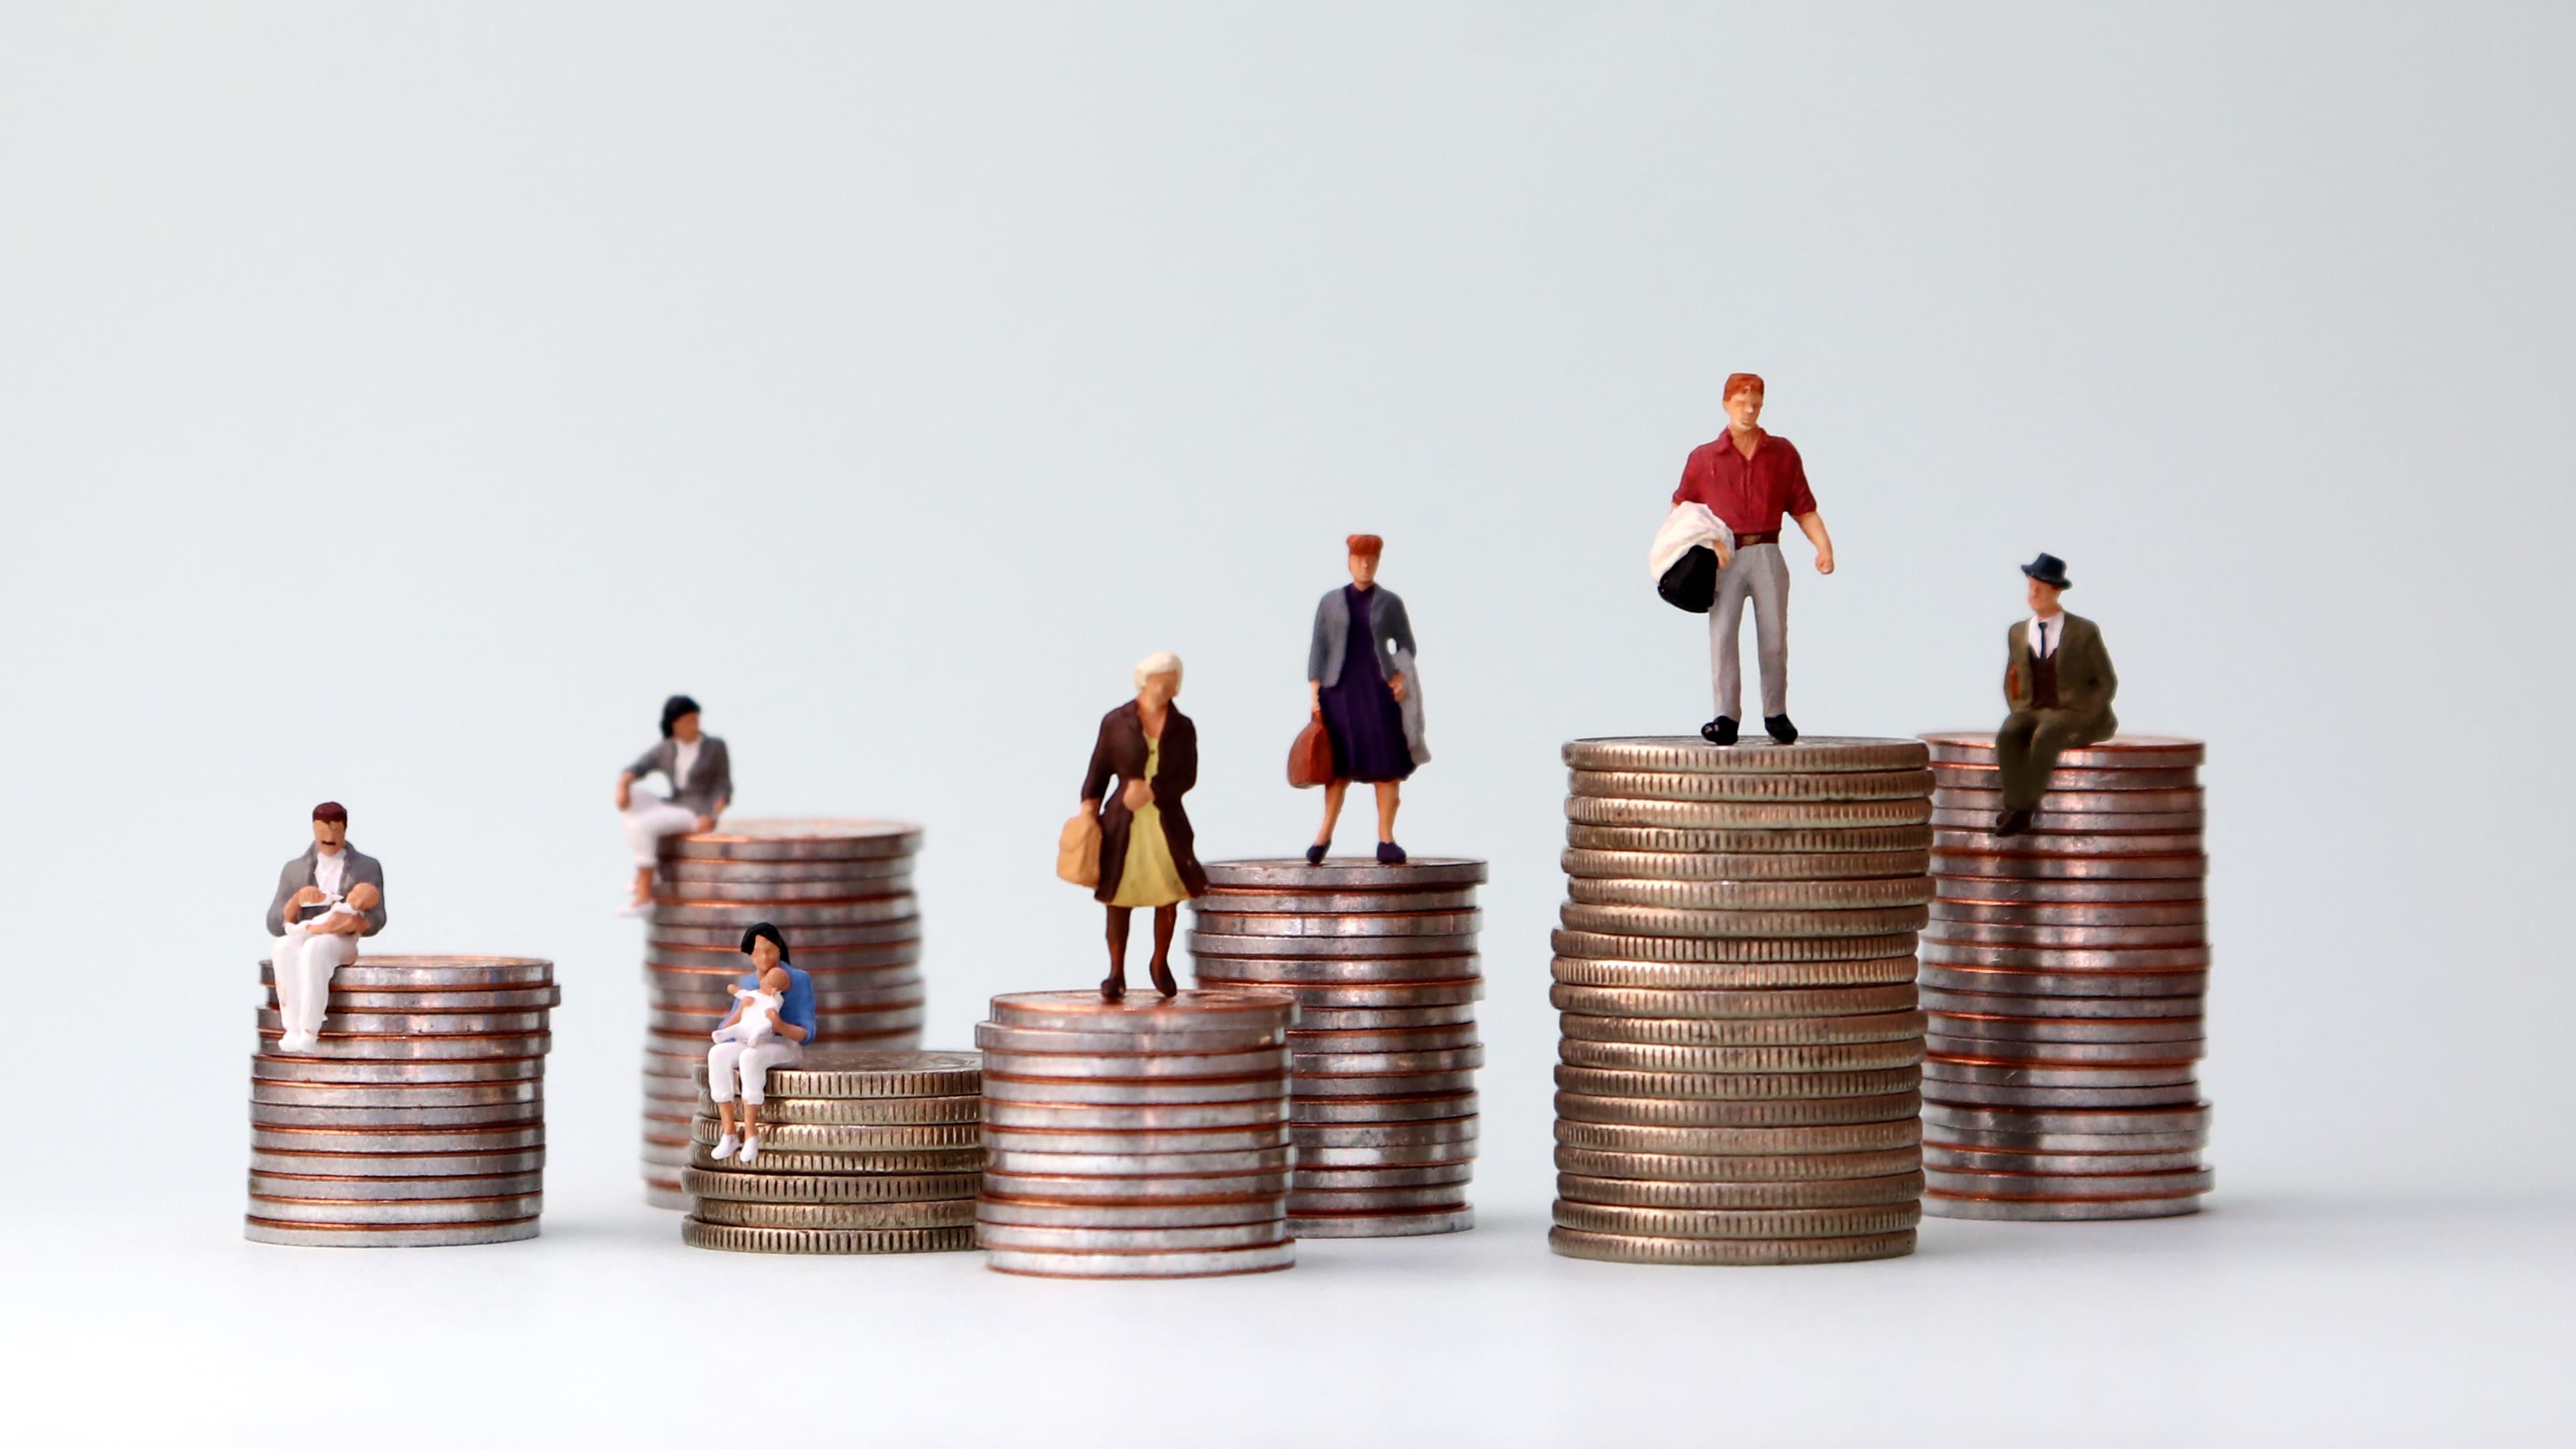 Imagem de pessoas em cima de moedas para remeter ao texto que fala sobre o que é política de preço